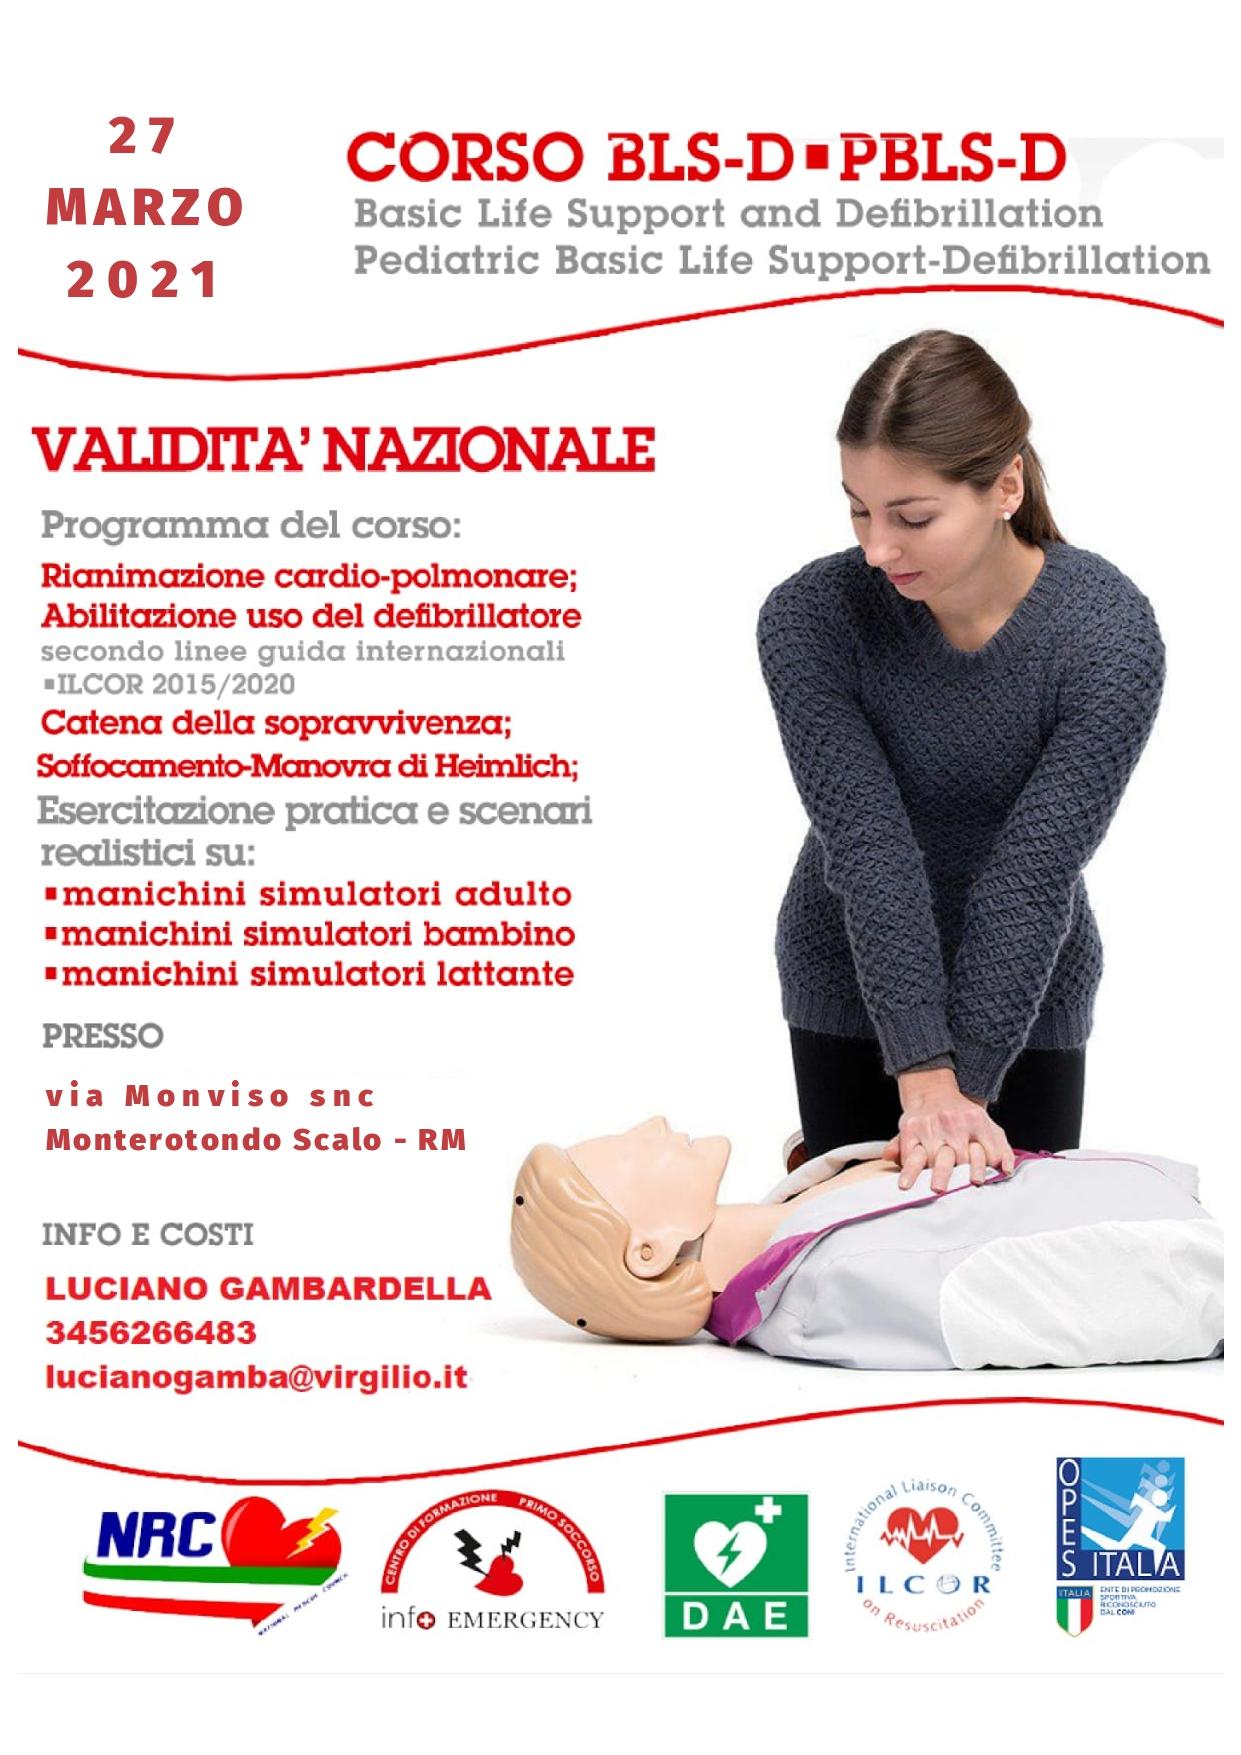 27 MARZO 2021 corso BLSD Gambardella_page-0001